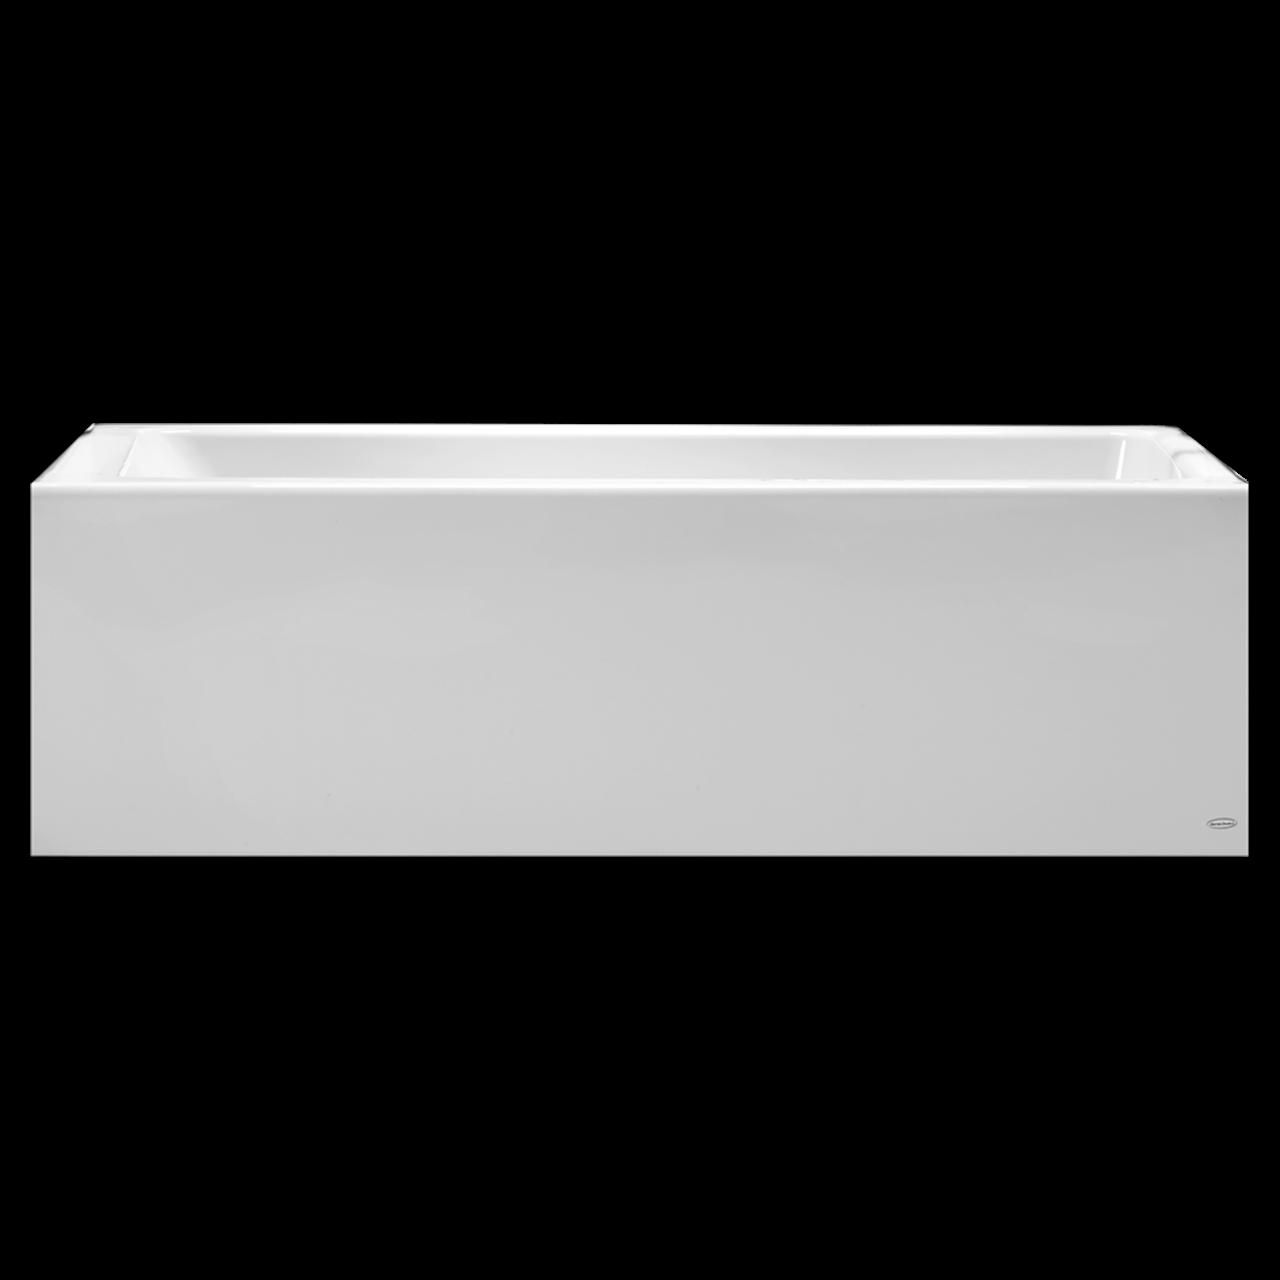 2946102011 Studio Bathtub by American Standard | KBD Program ...